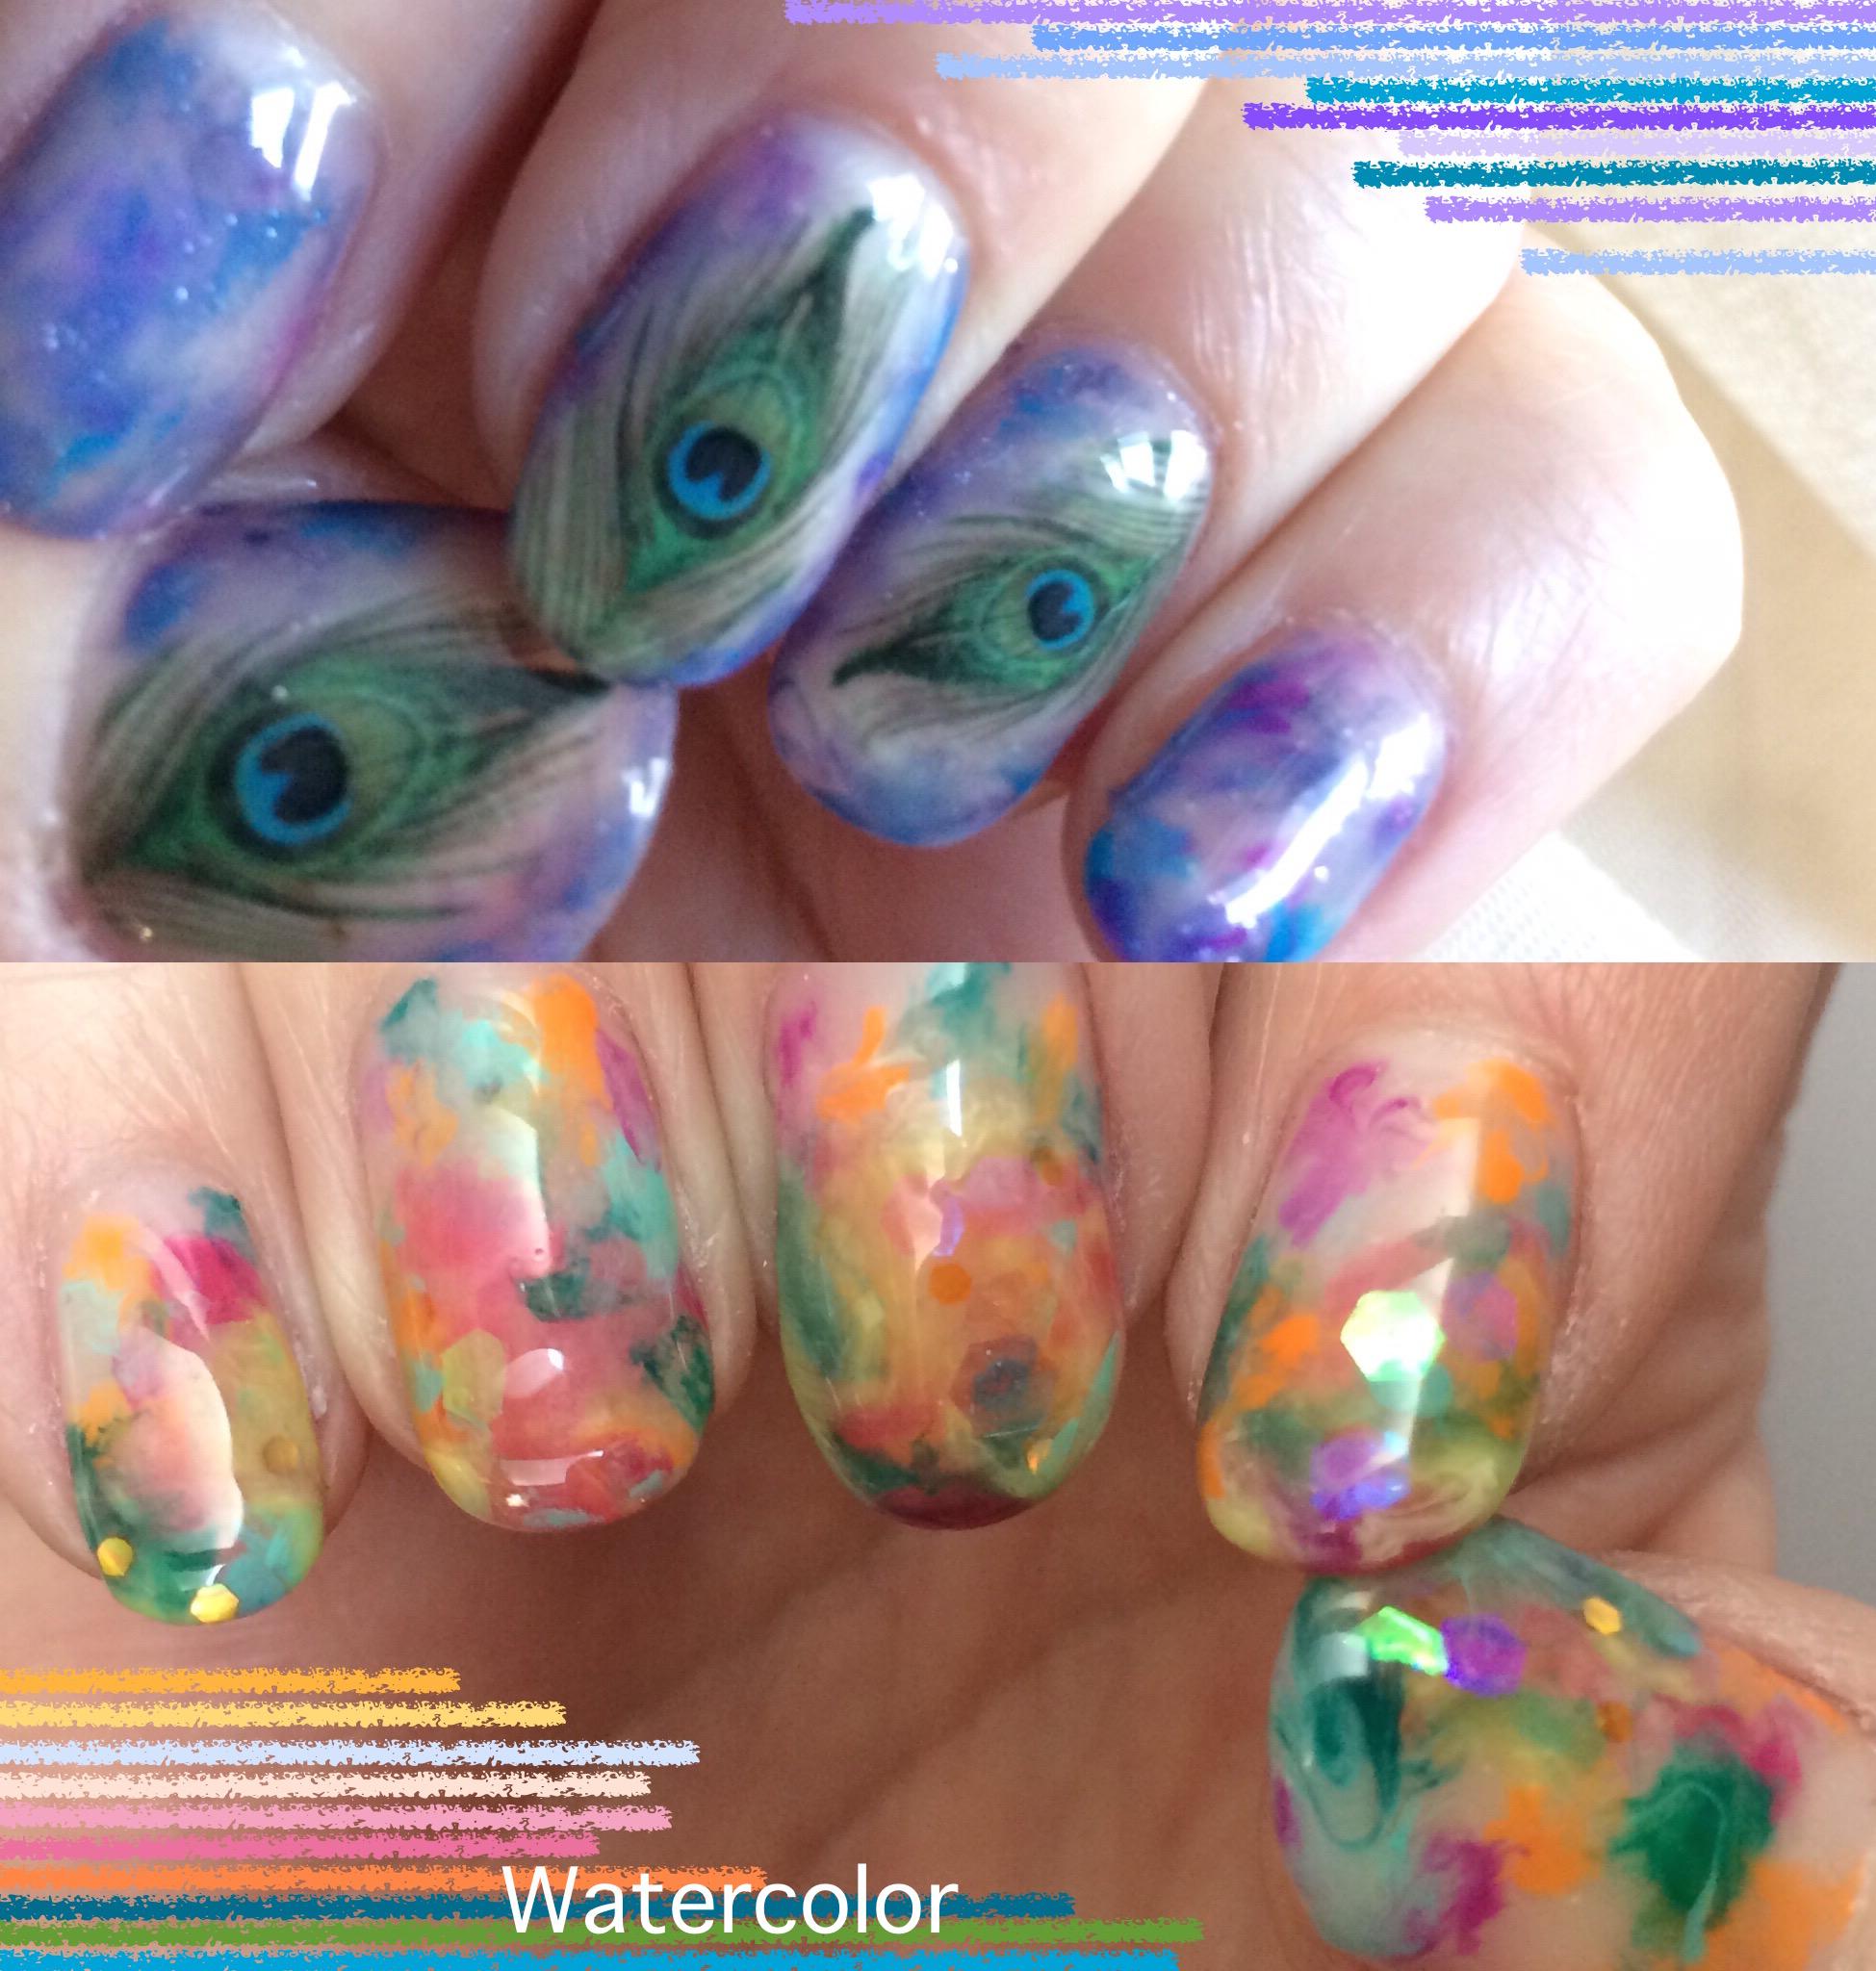 Watercolor Nail